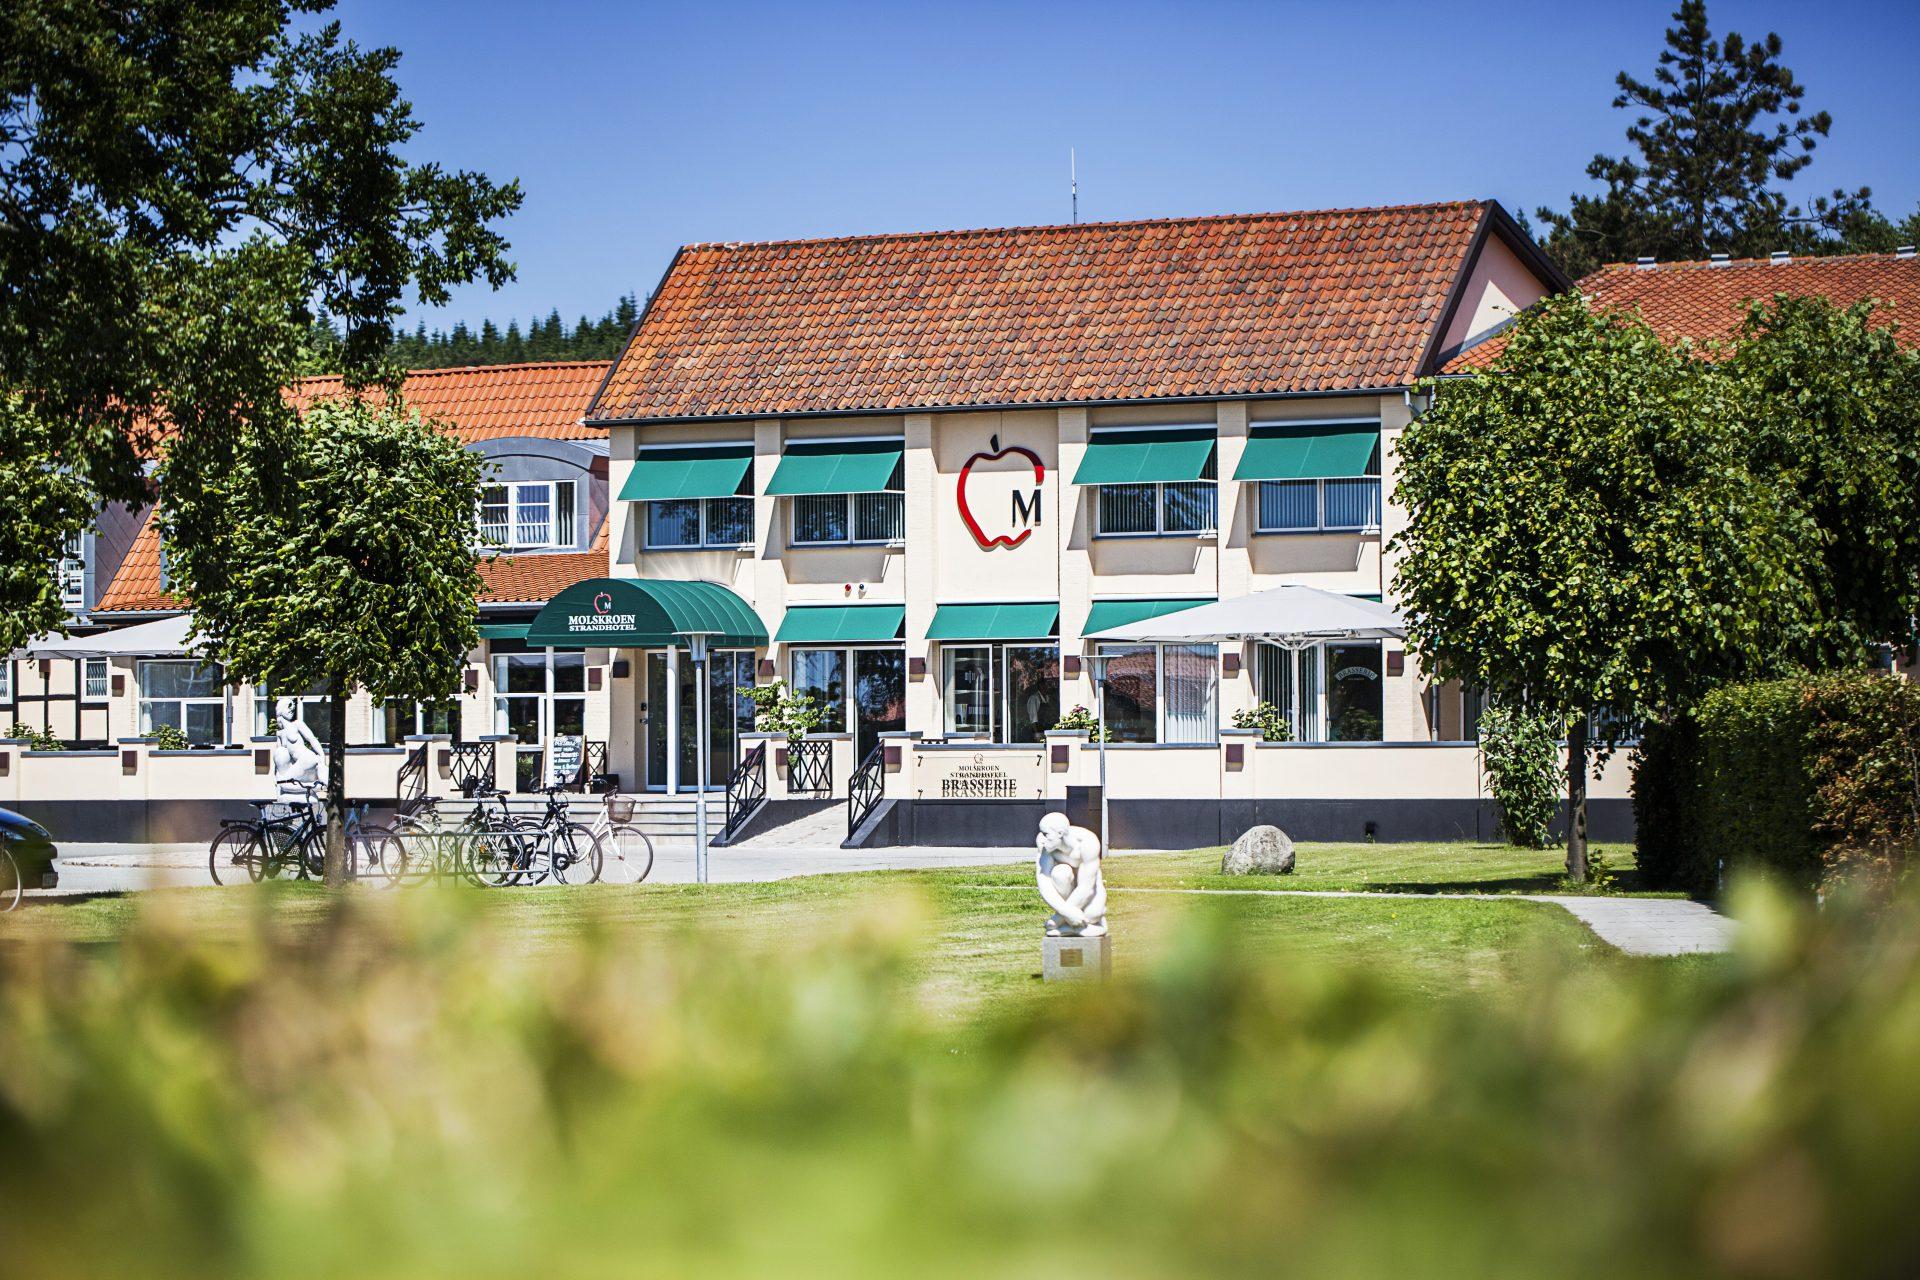 Dining festival på Molskroen Strandhotel: Skøn menu til god pris